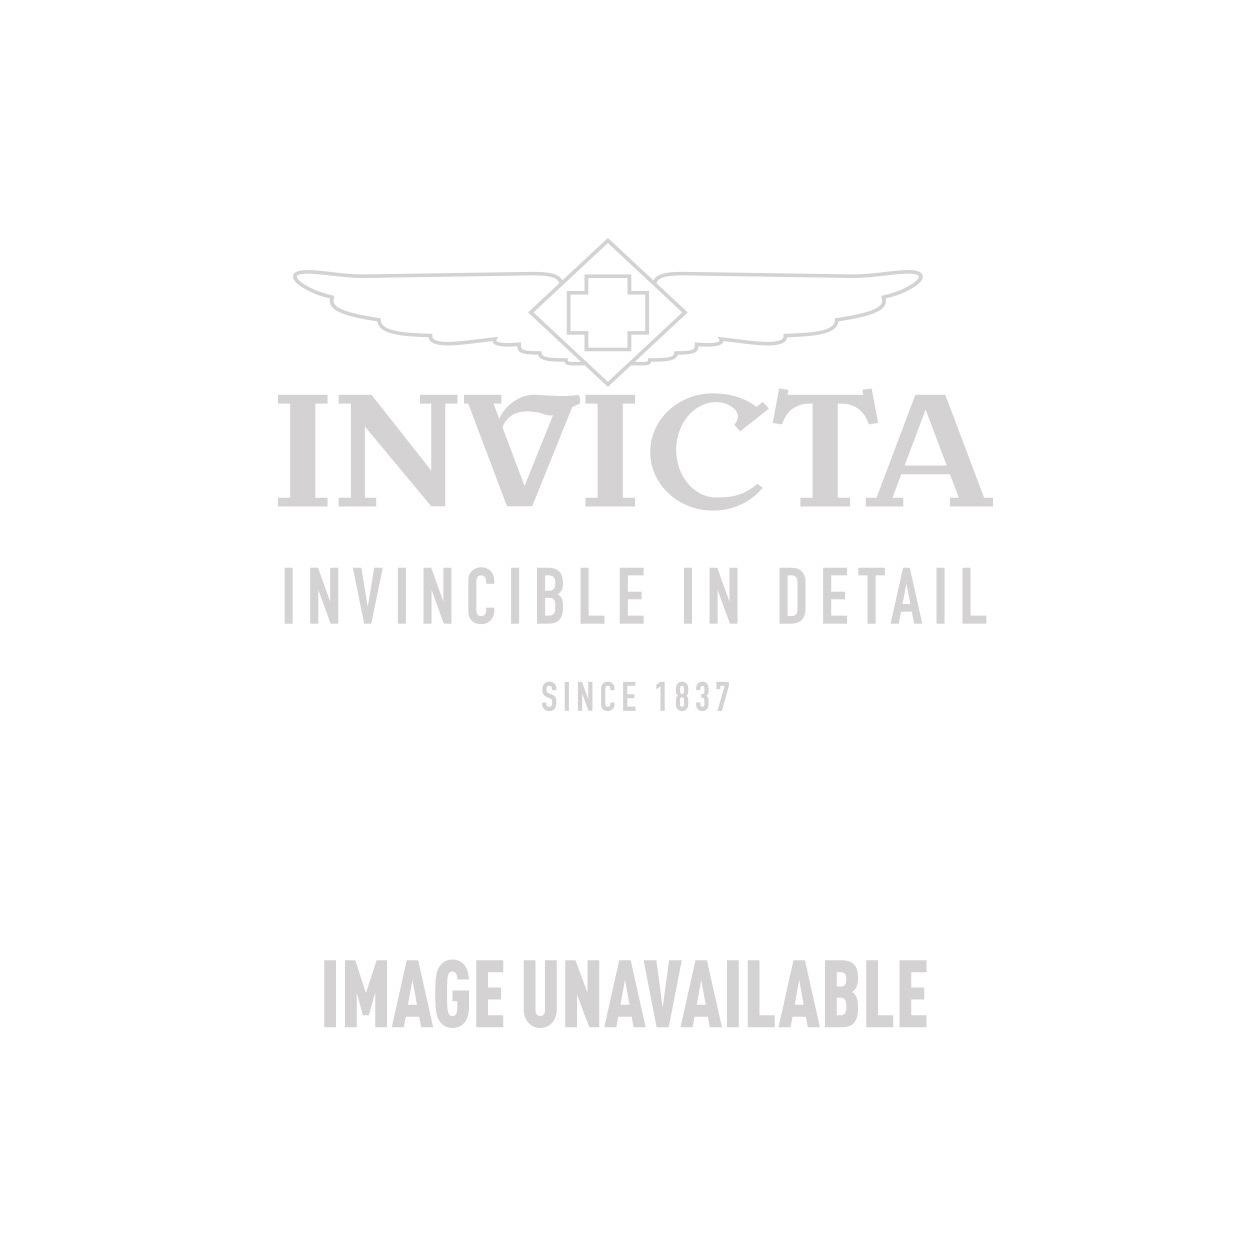 Invicta Model 23905